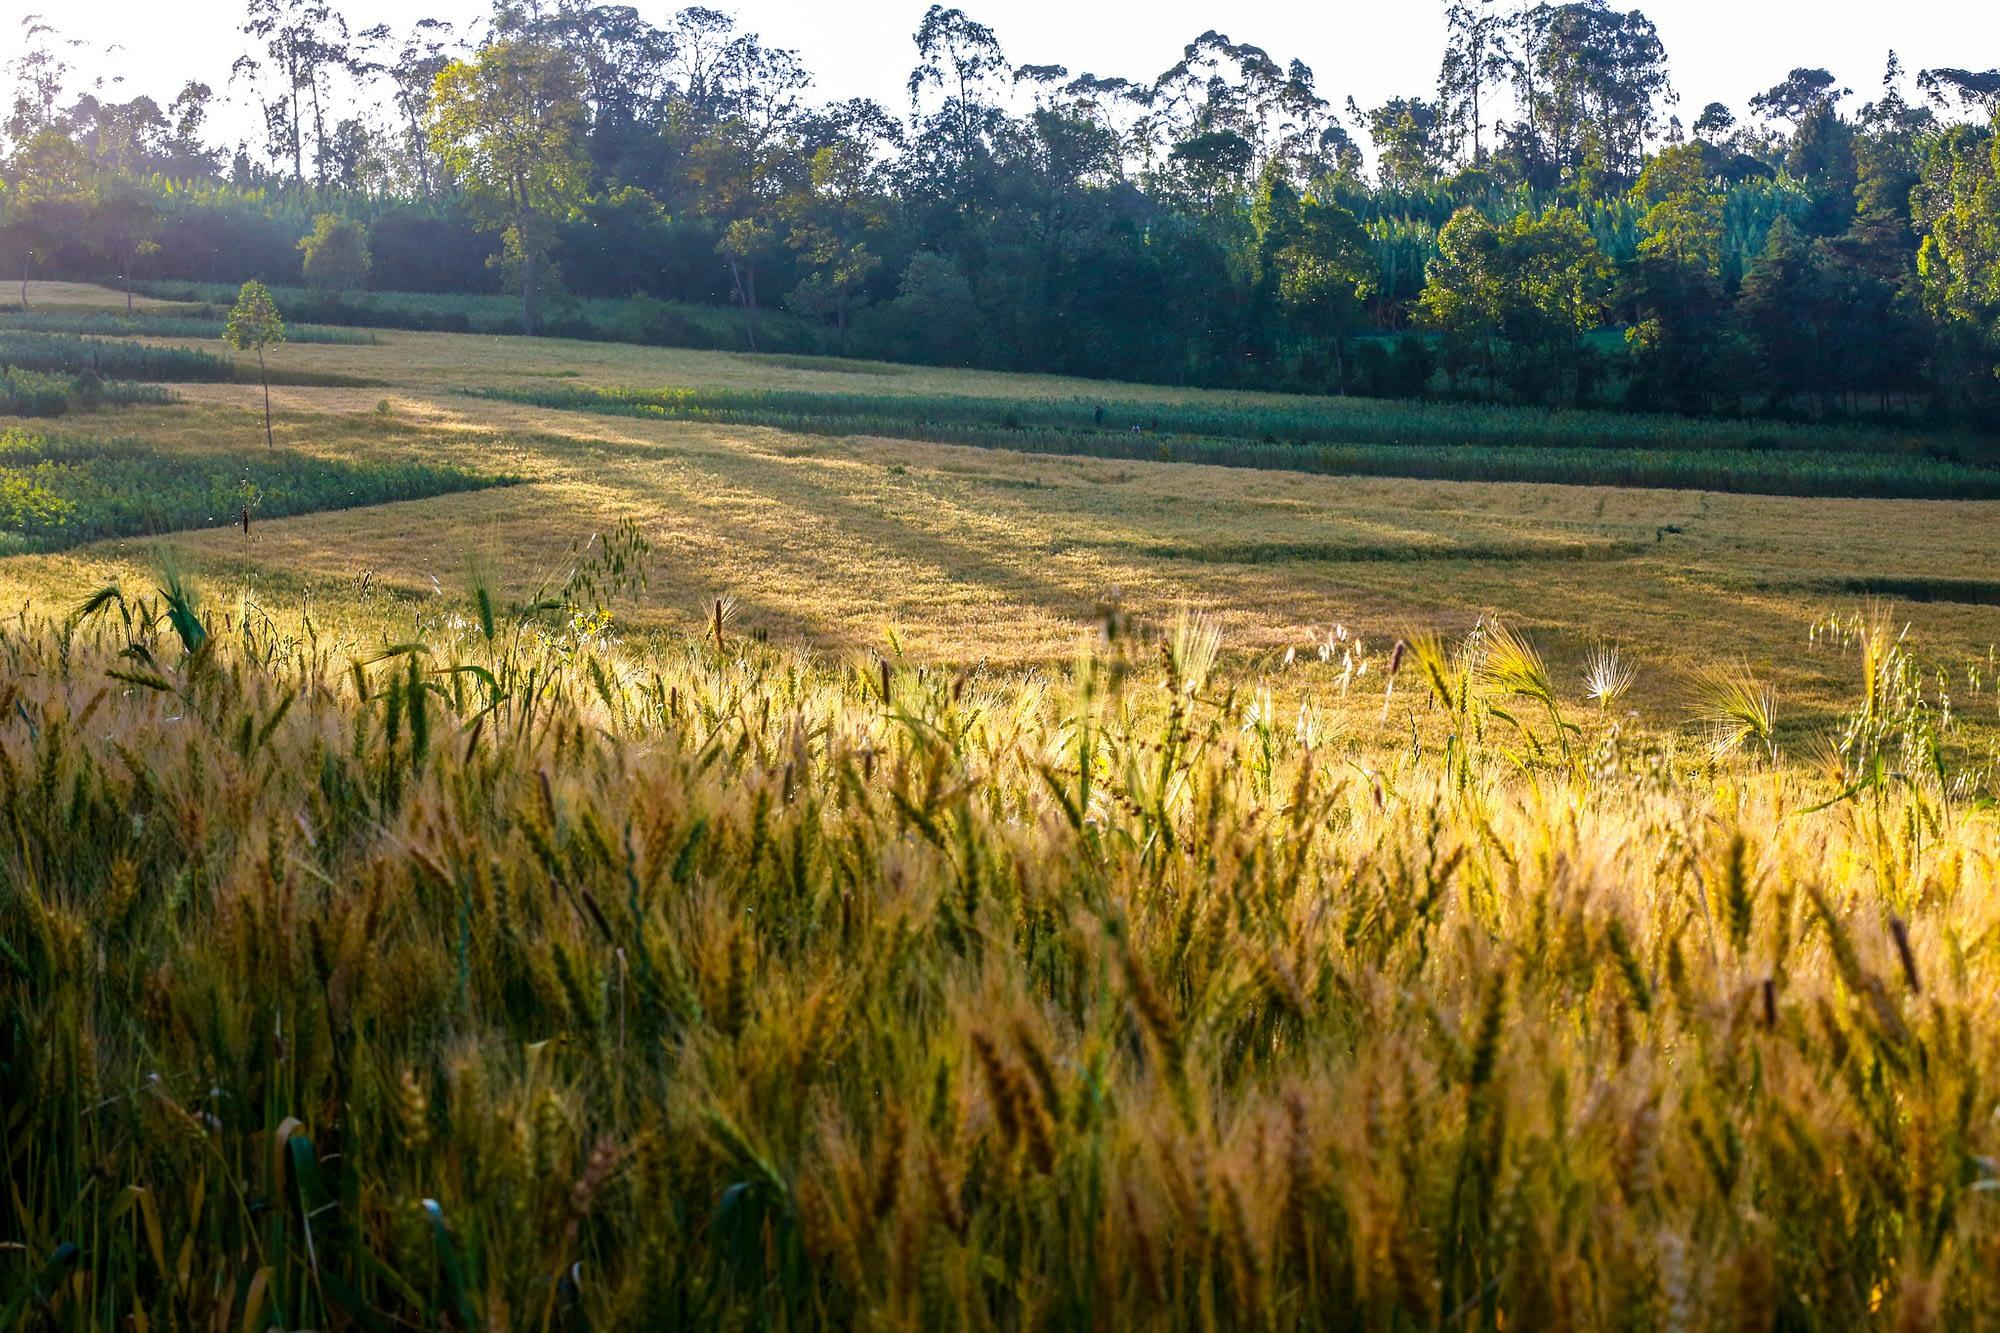 A wheat field in Ethiopia. (Photo: Apollo Habtamu/ILRI)